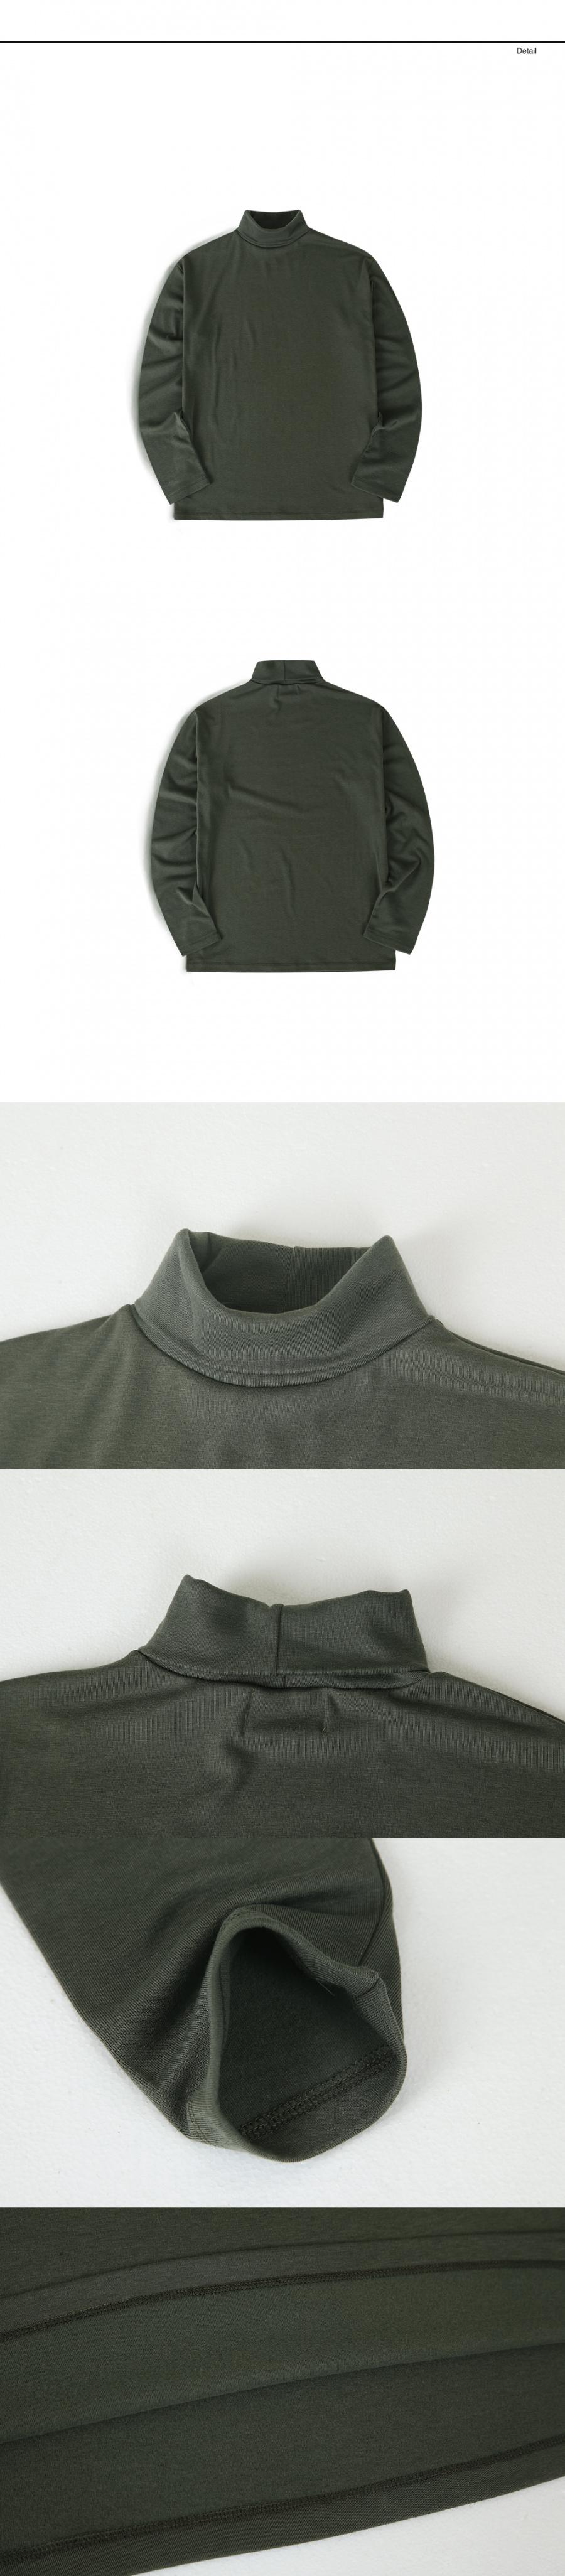 랩12(LAB12) 19S/S 터틀넥 티셔츠 (카키)